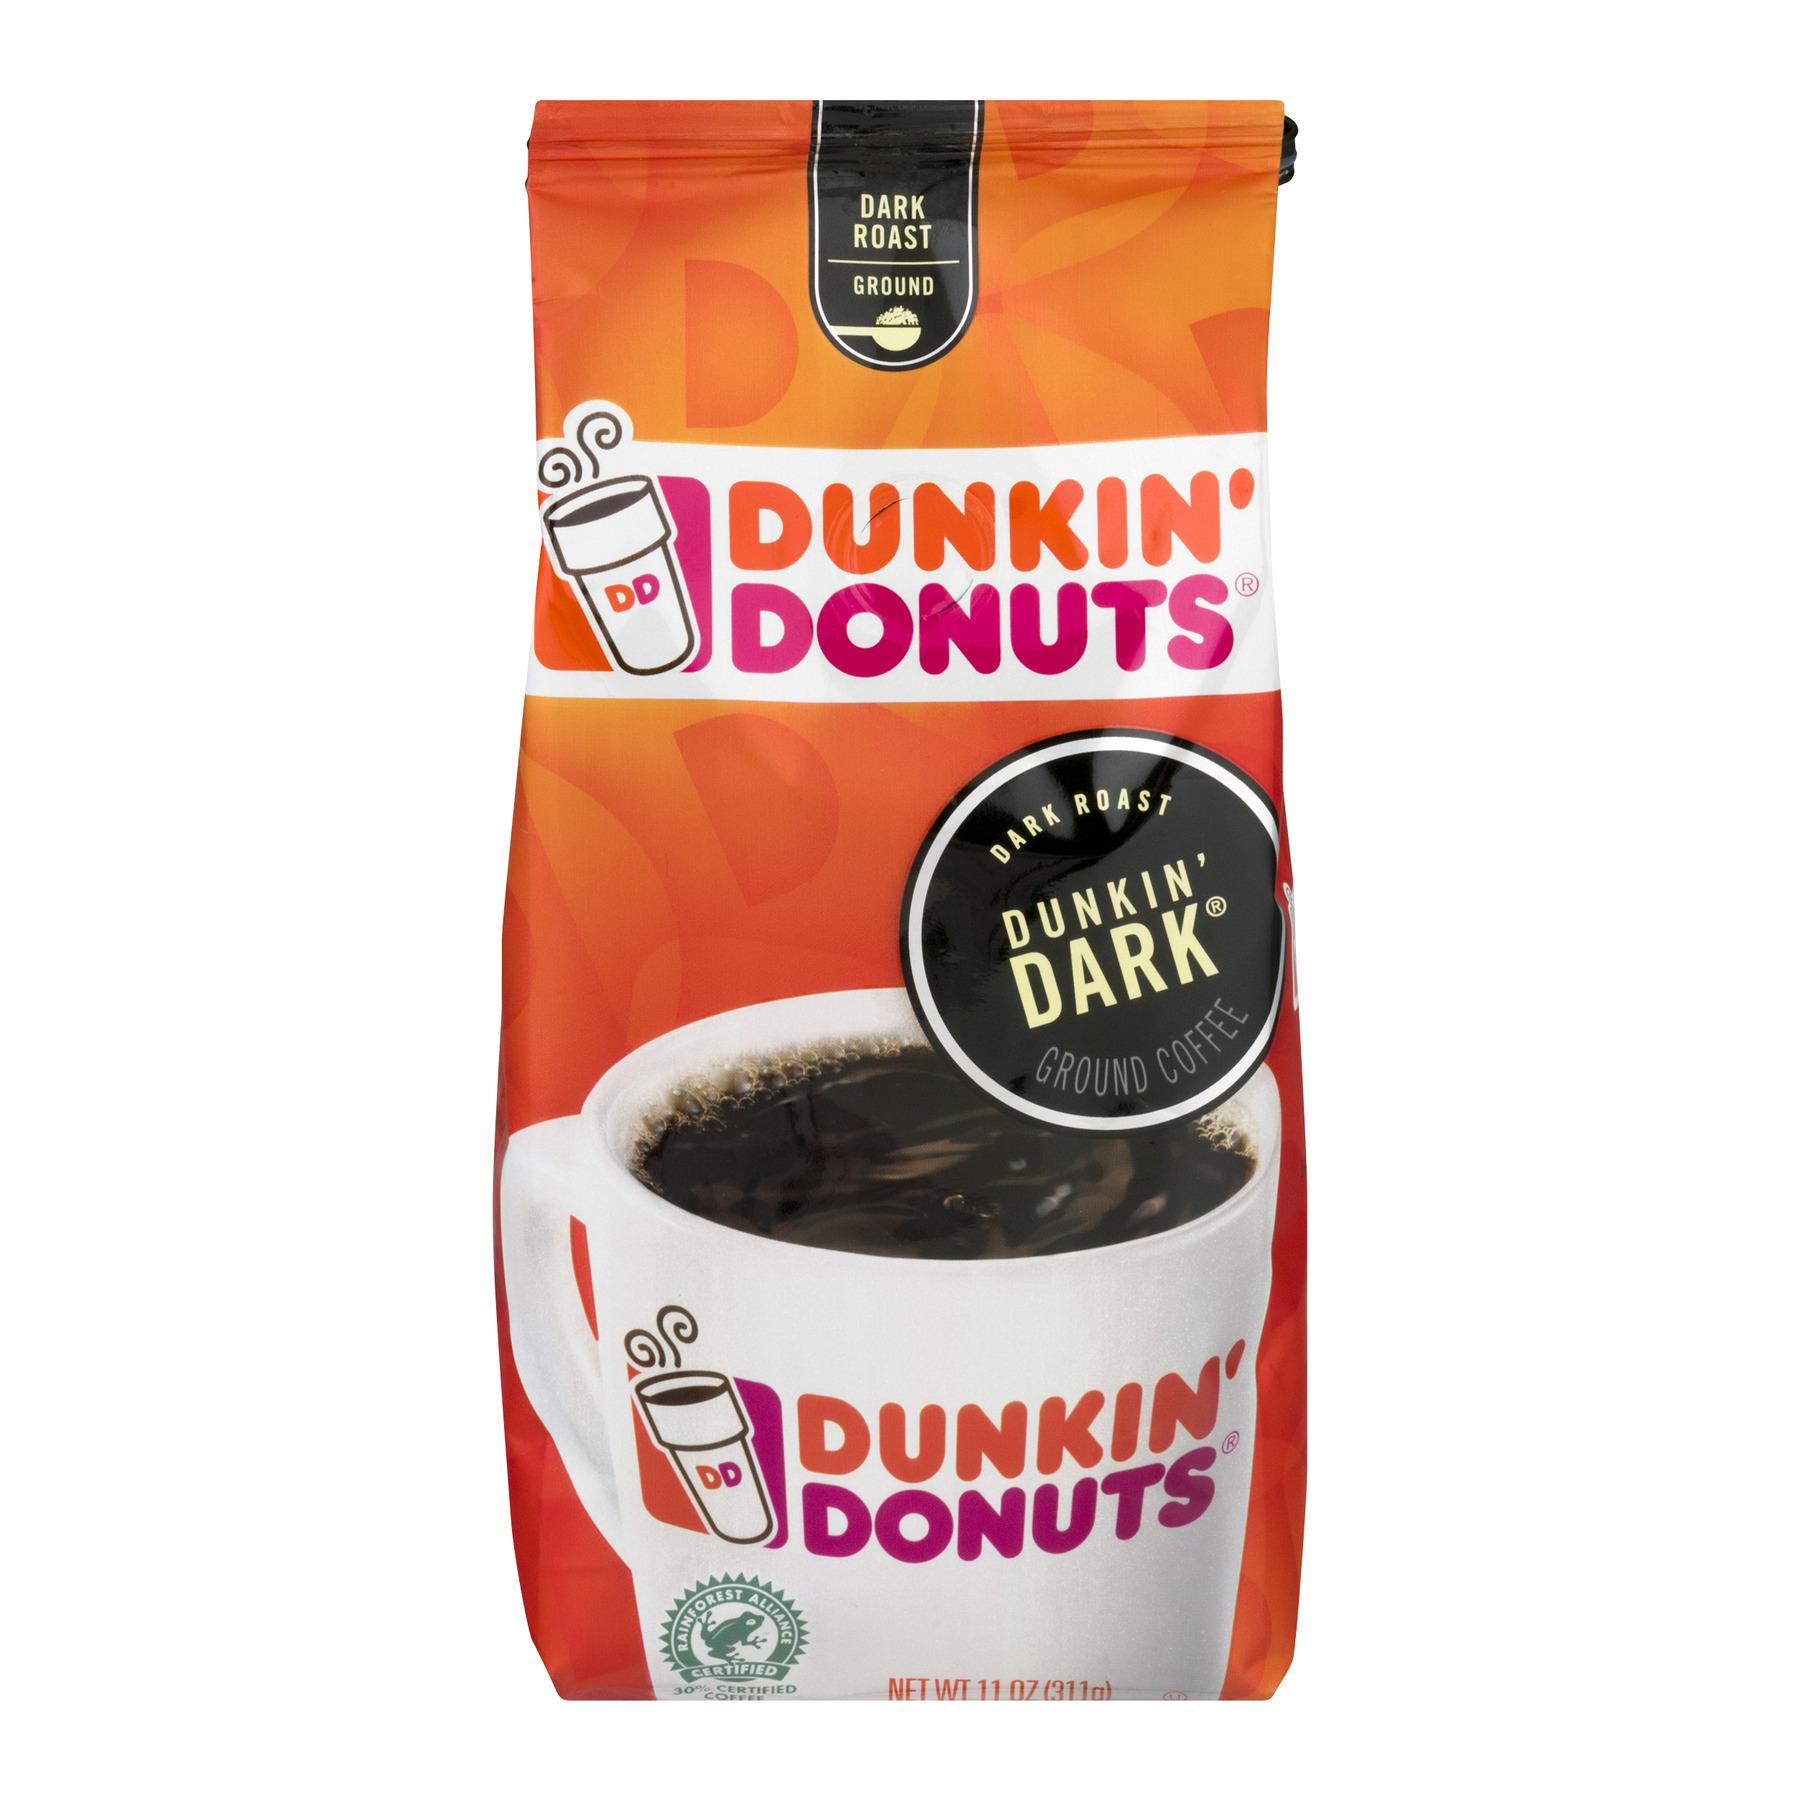 Dunkin' Donuts Dunkin' Park Dark Roast Ground Coffee, 11 oz